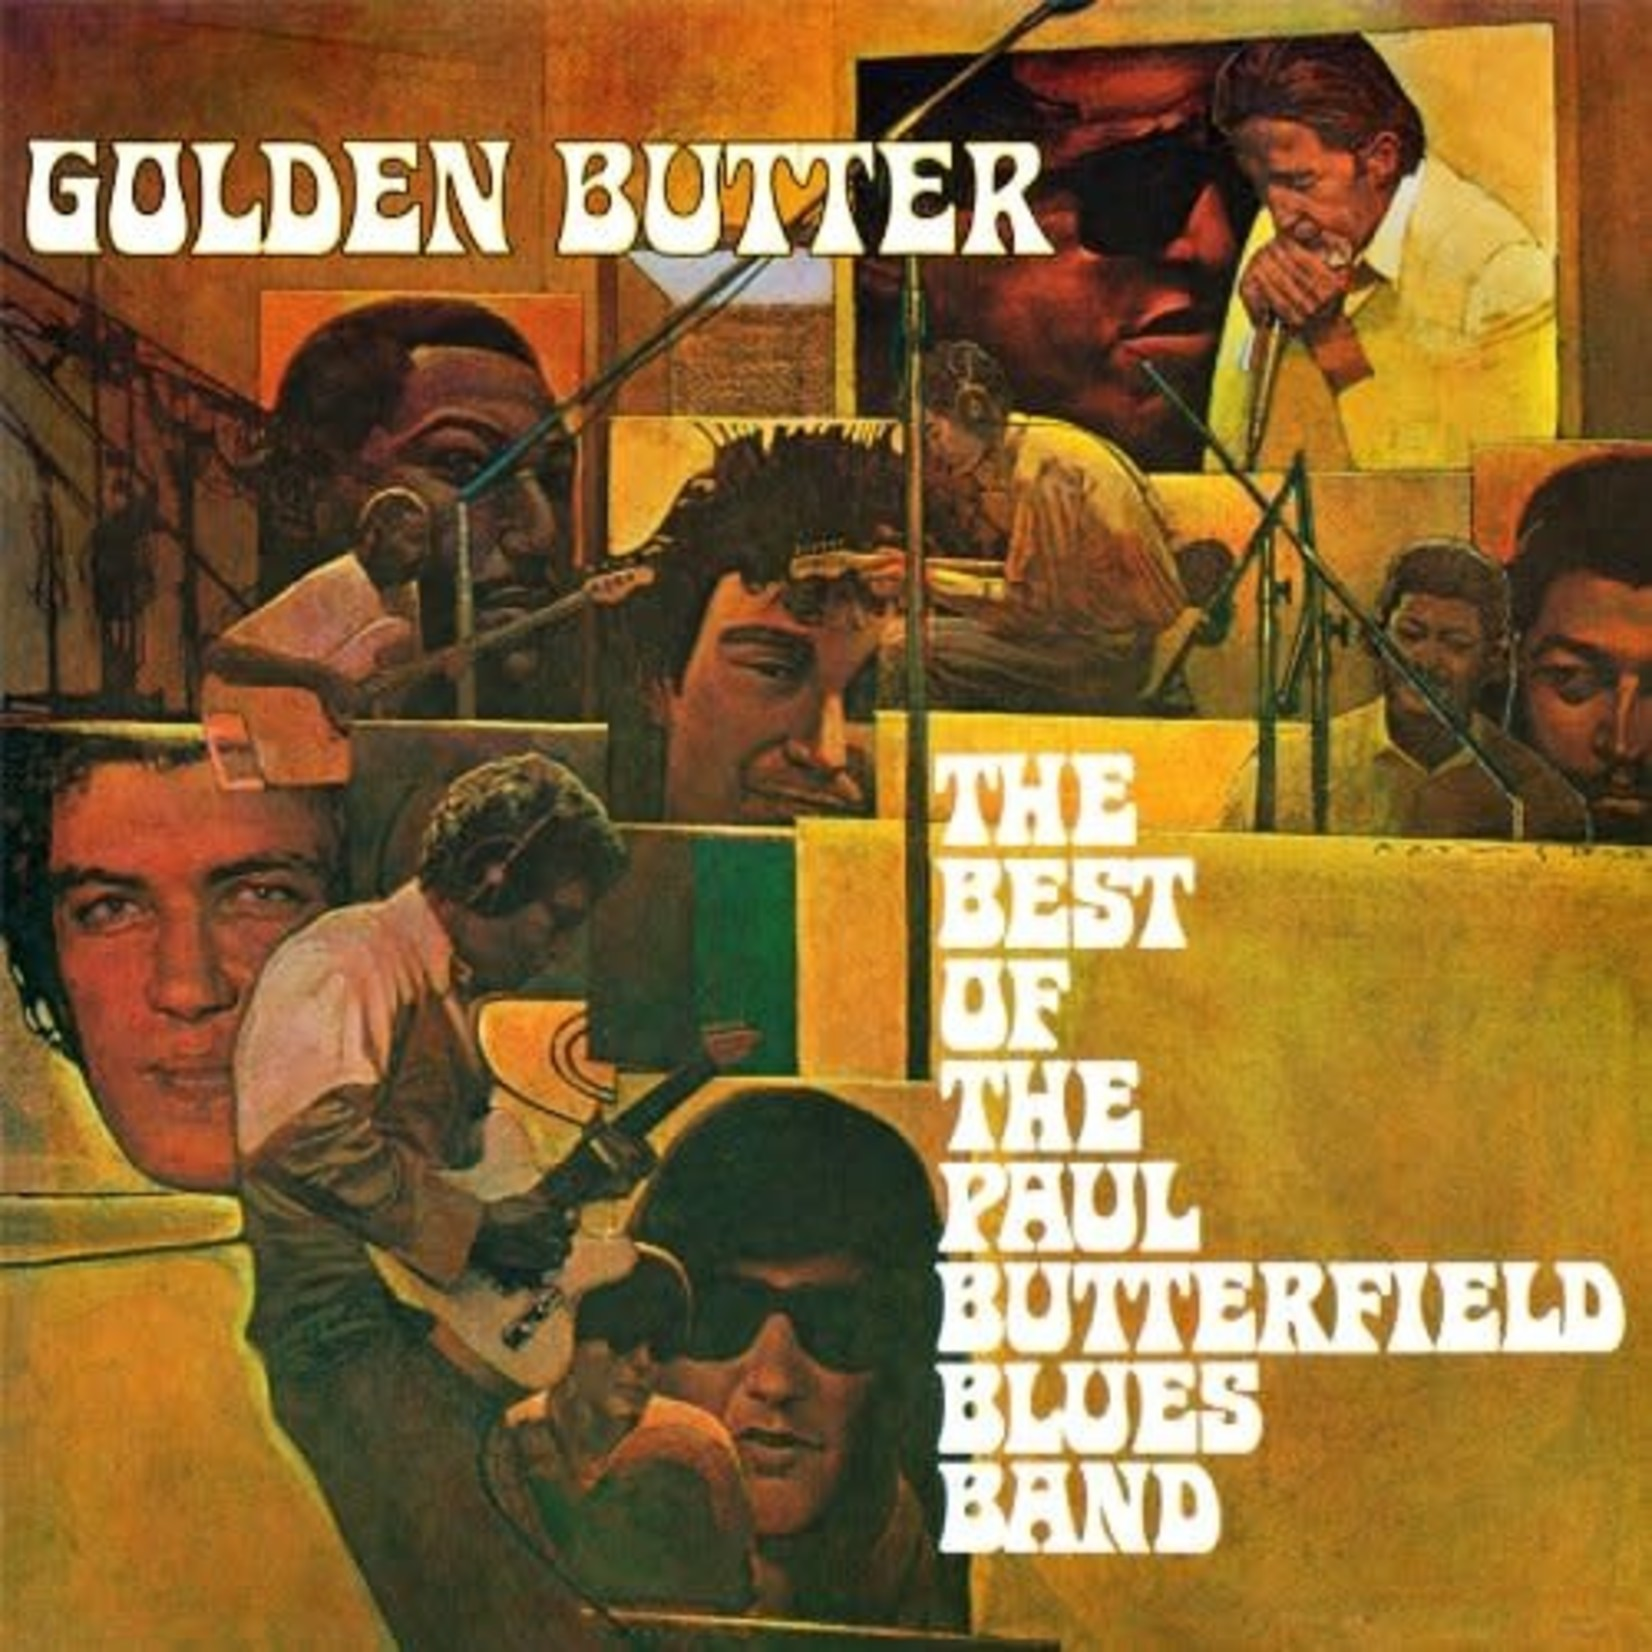 [Vintage] Butterfield, Paul: Golden Butter (Best of) (2LP)